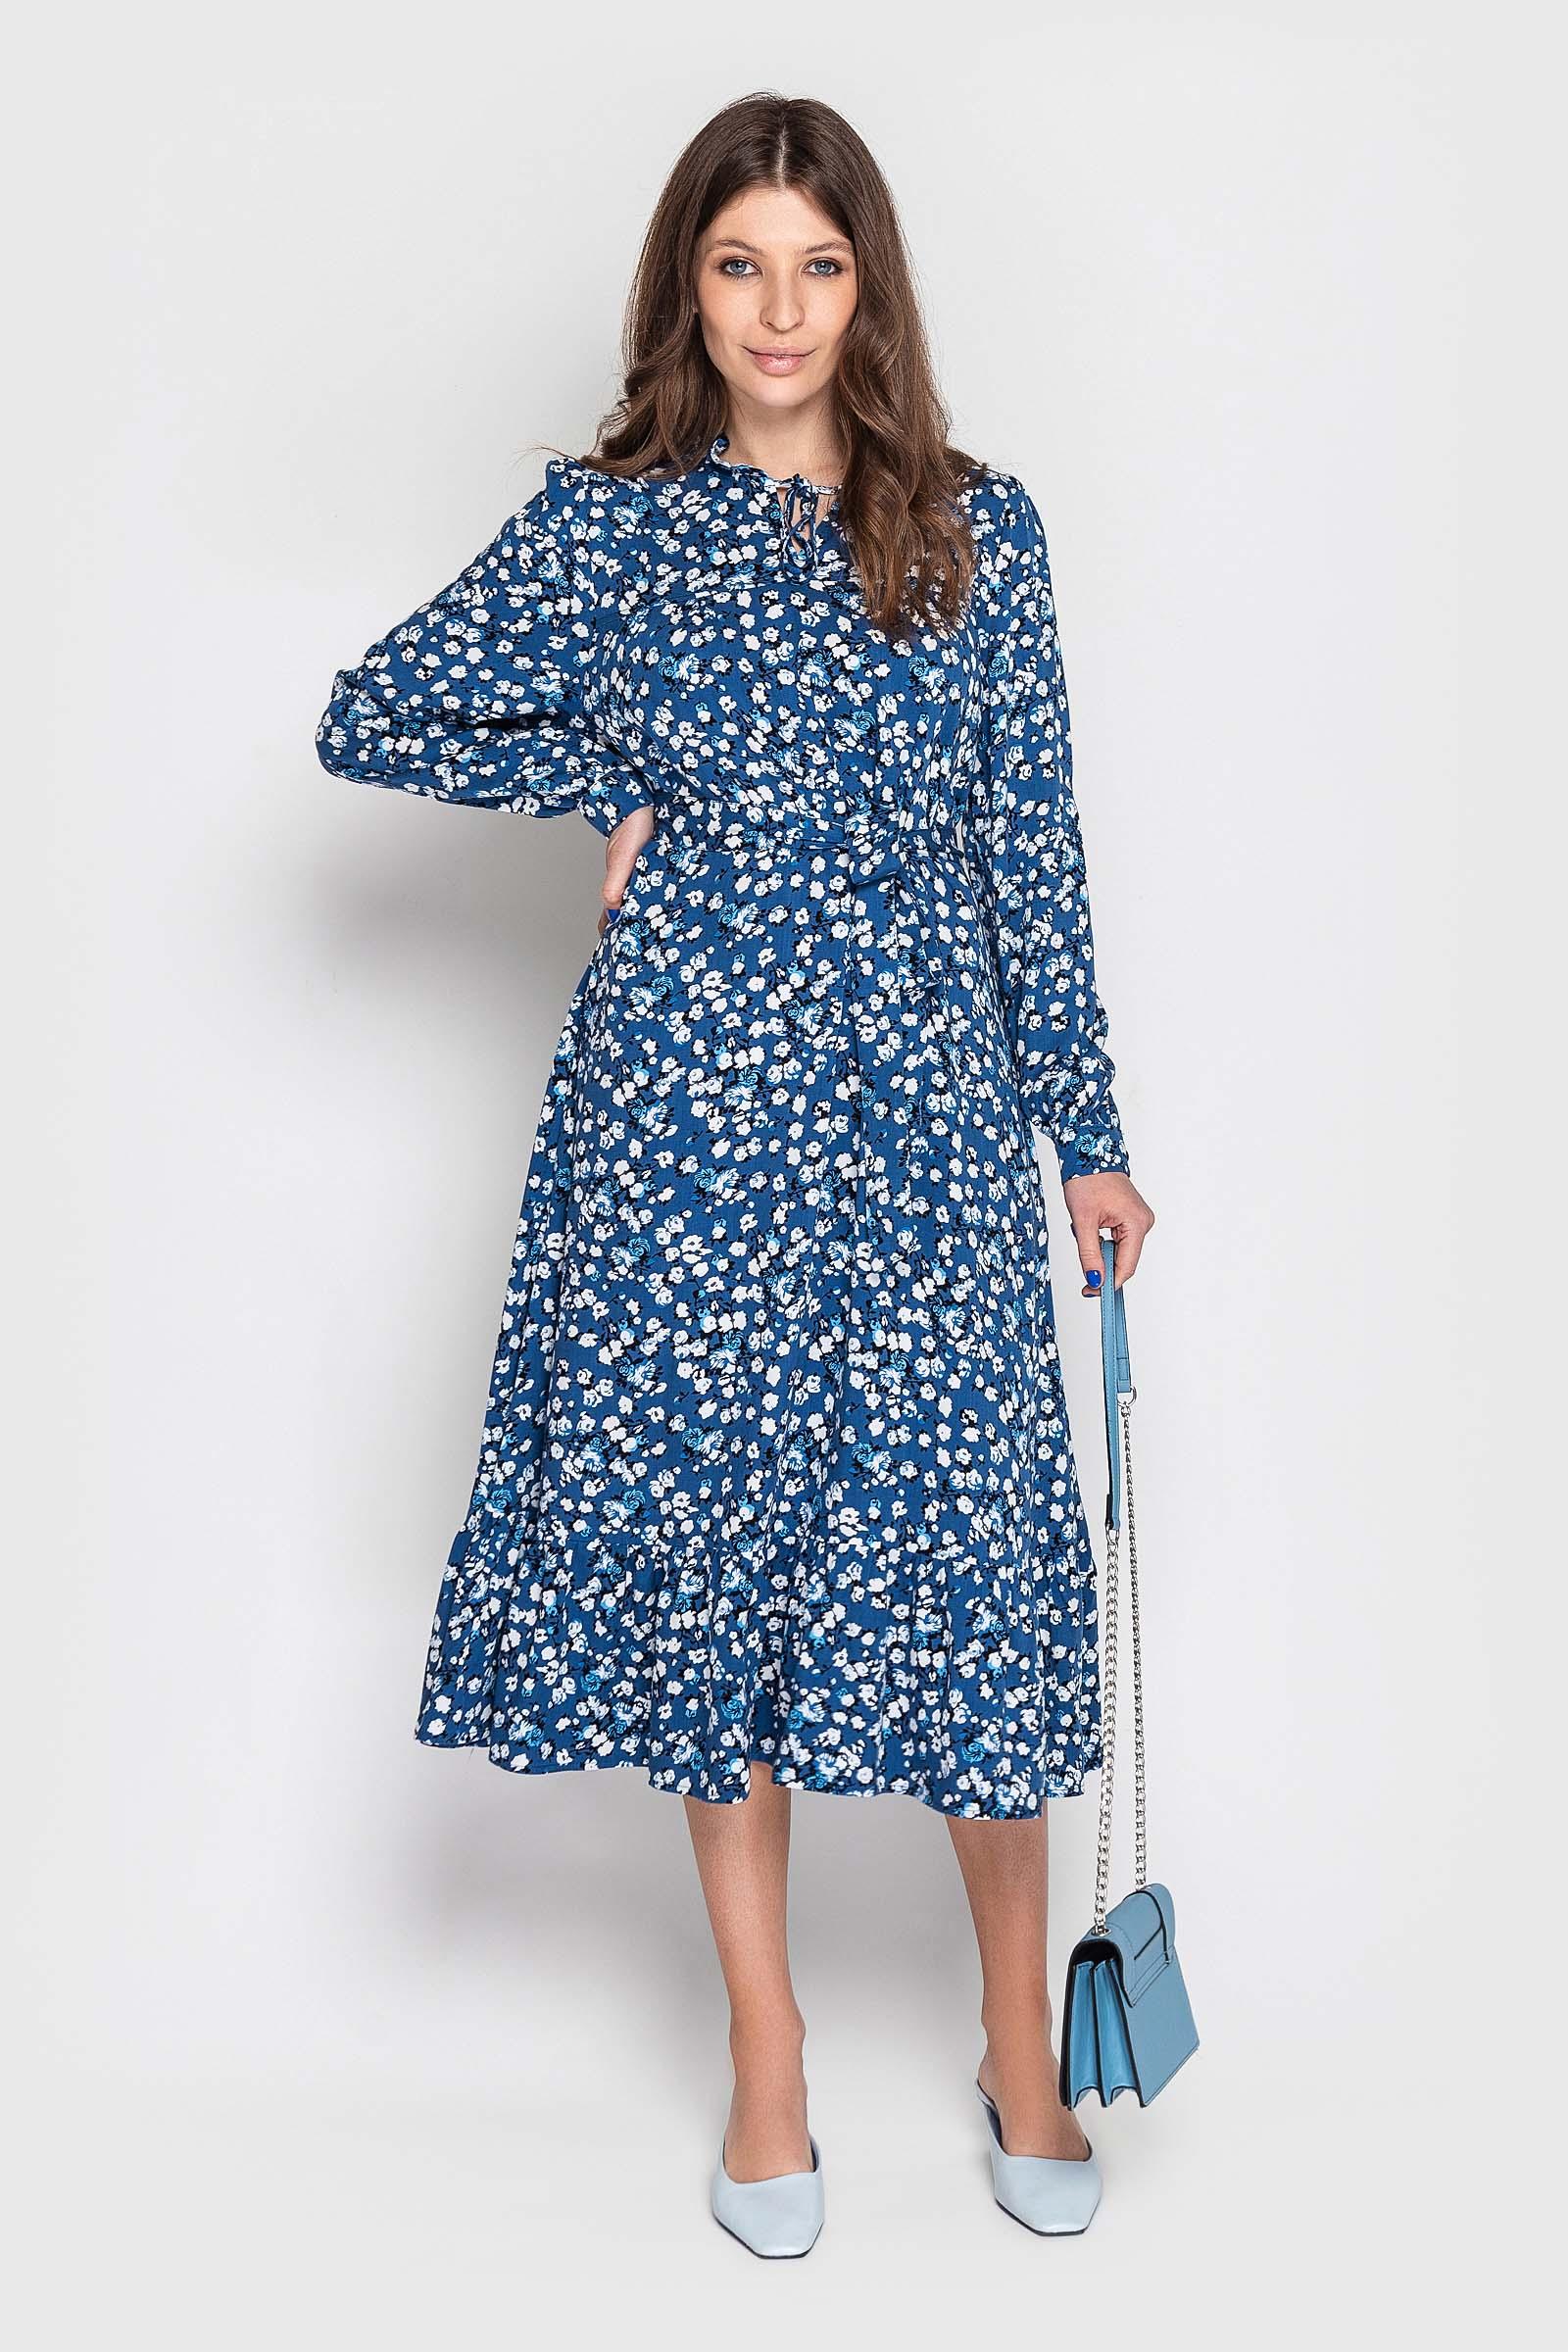 2021 04 10 poltava30177 Купить платье